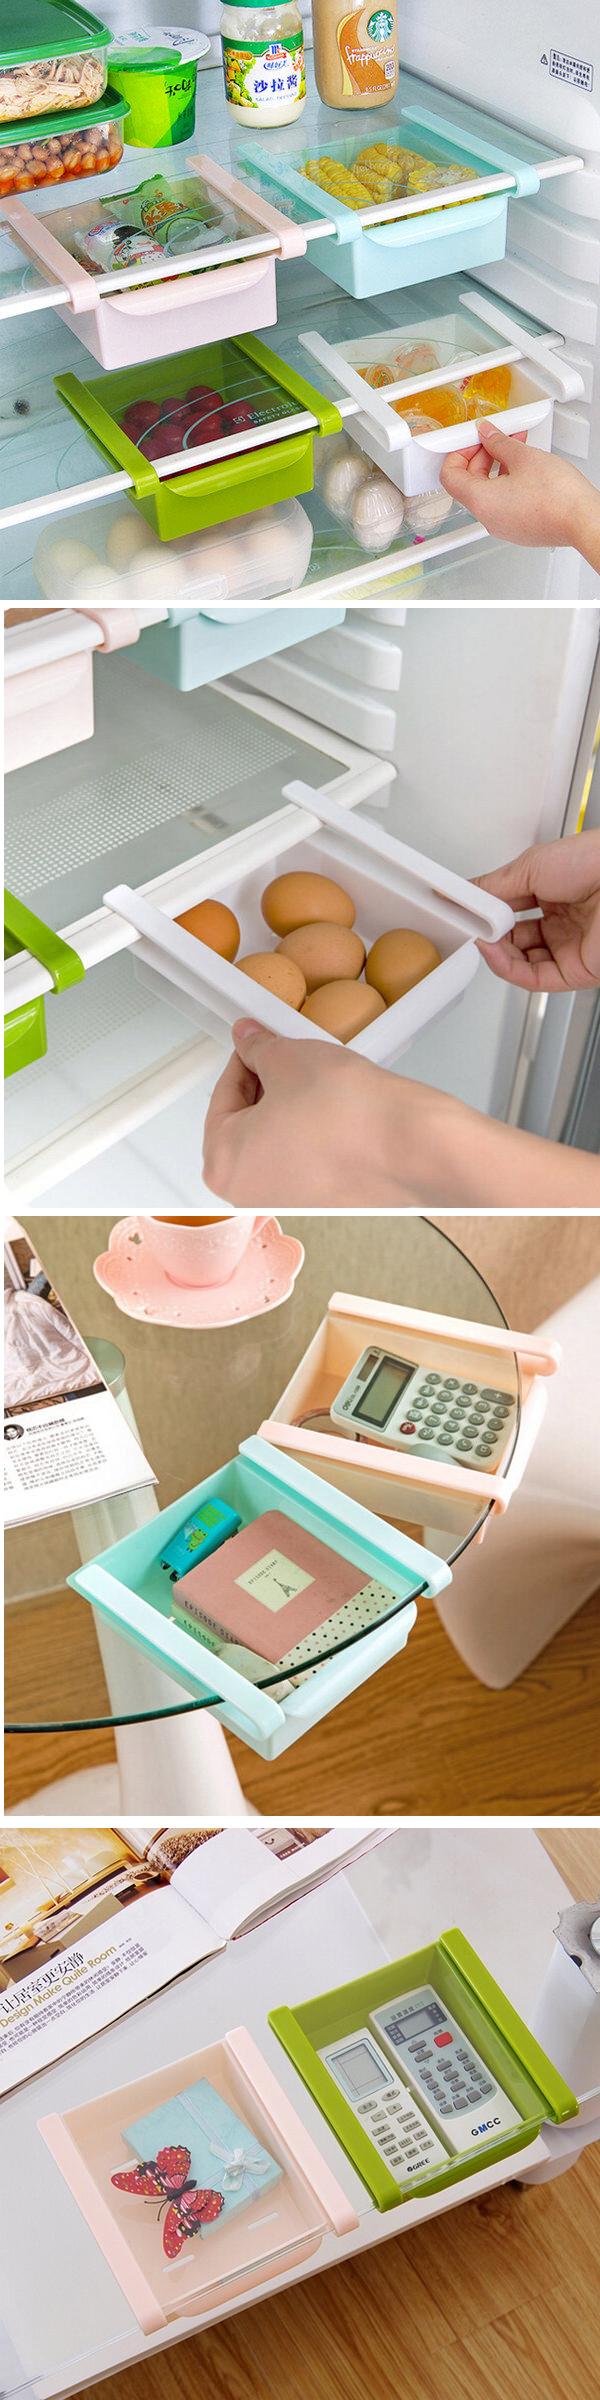 Küchenideen für wohnmobile plastic kitchen fridge storage rack freezer shelf holder kitchen